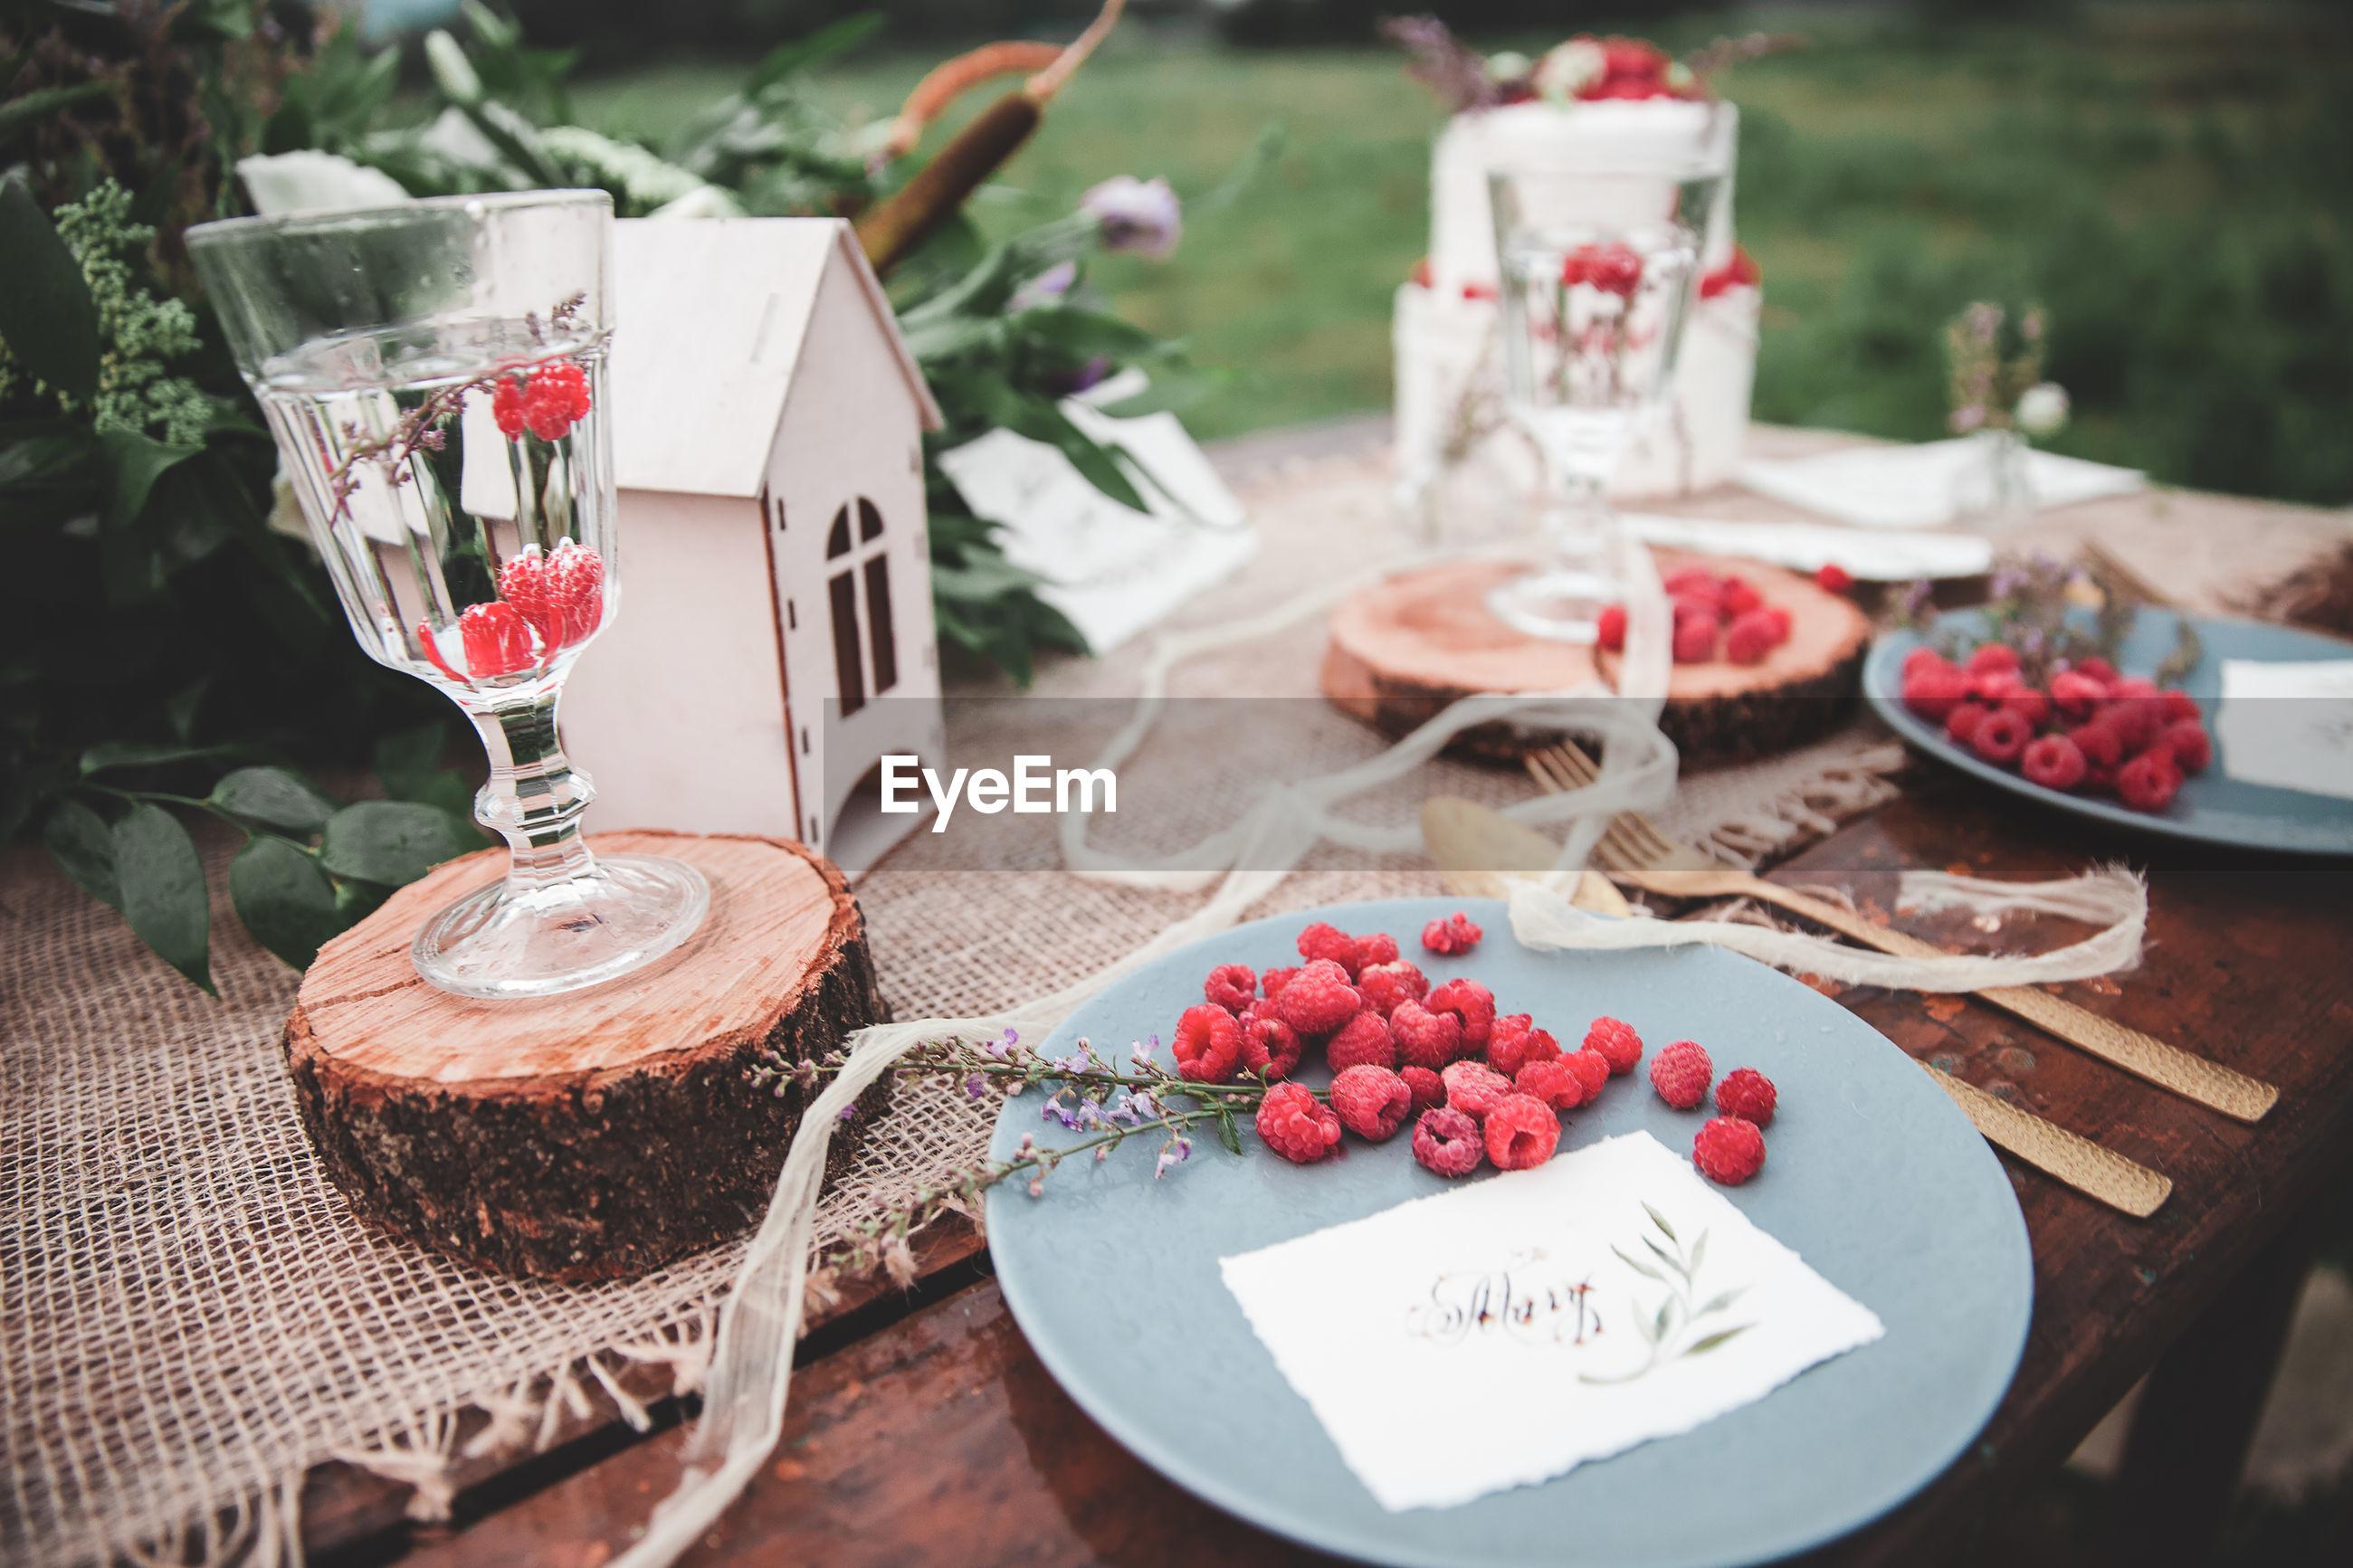 Raspberries in plate on table